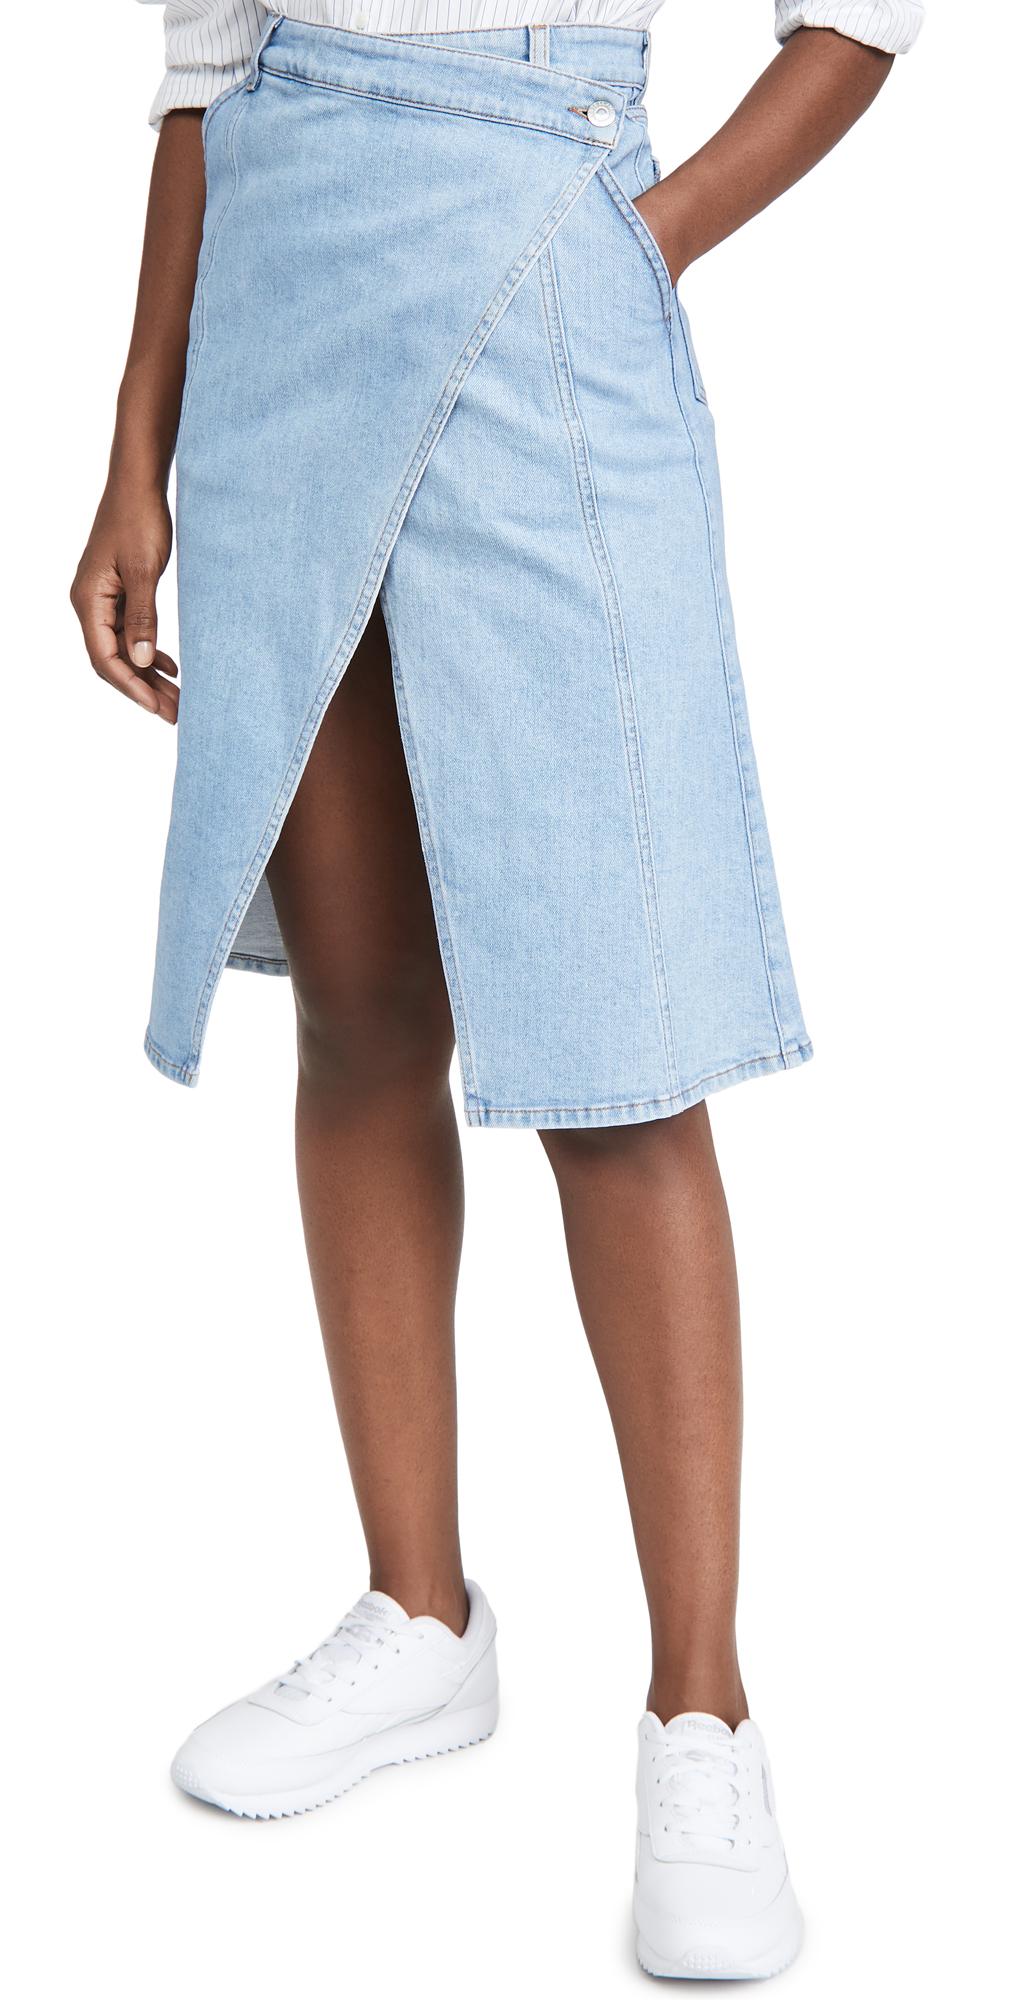 Stella McCartney Peyton Denim Skirt Super Fade Fash